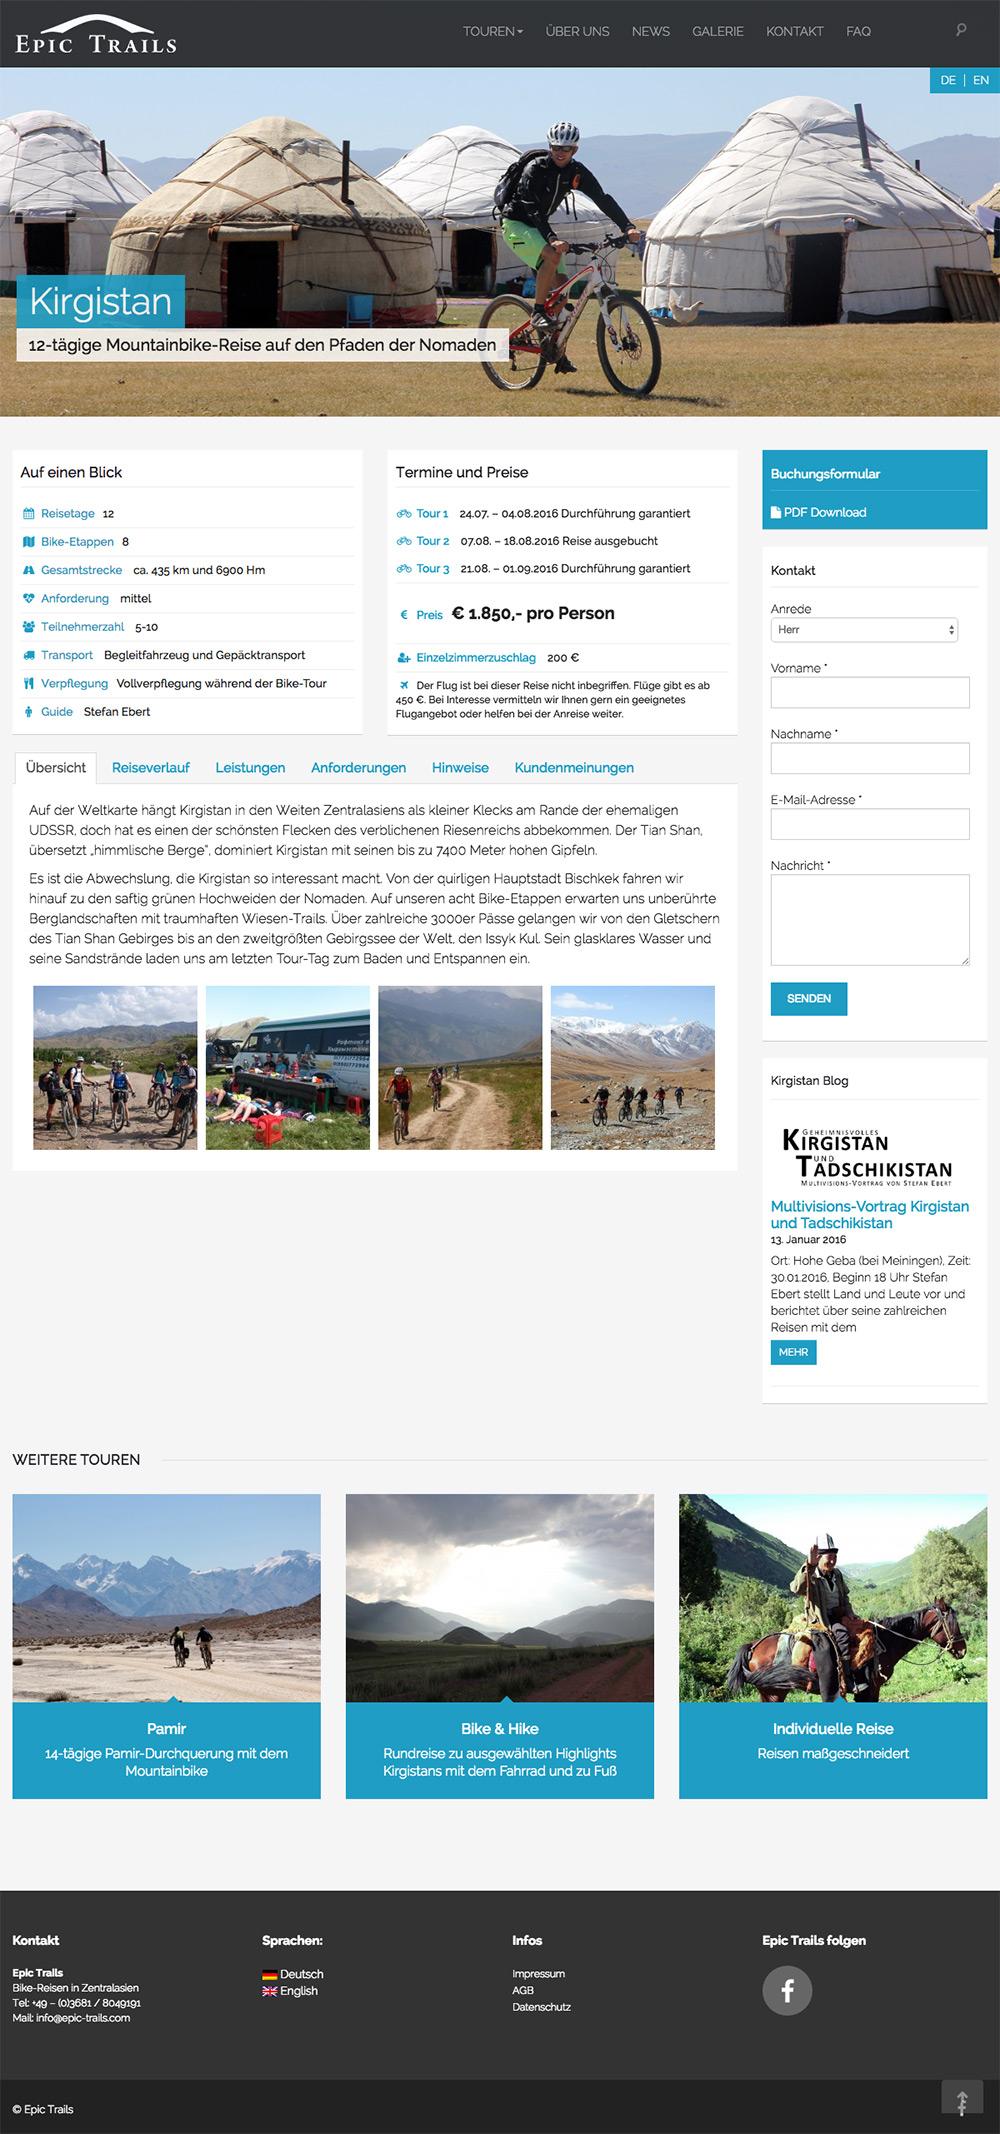 Wordpress-Website für den Radtour-Veranstalter Epic Trails